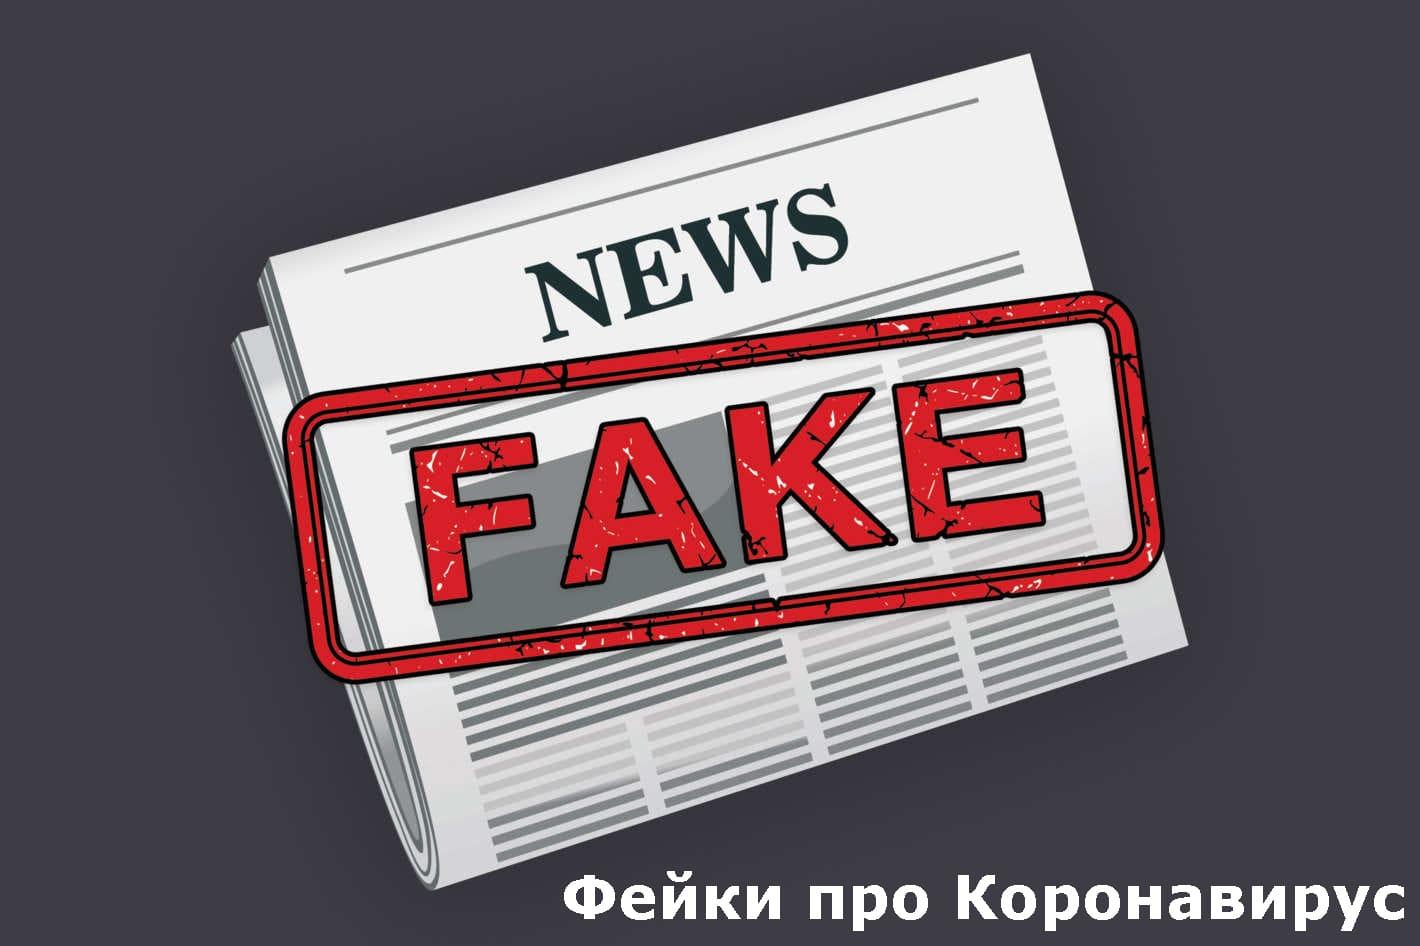 Фейки про коронавирус в Москве заполонили интернет